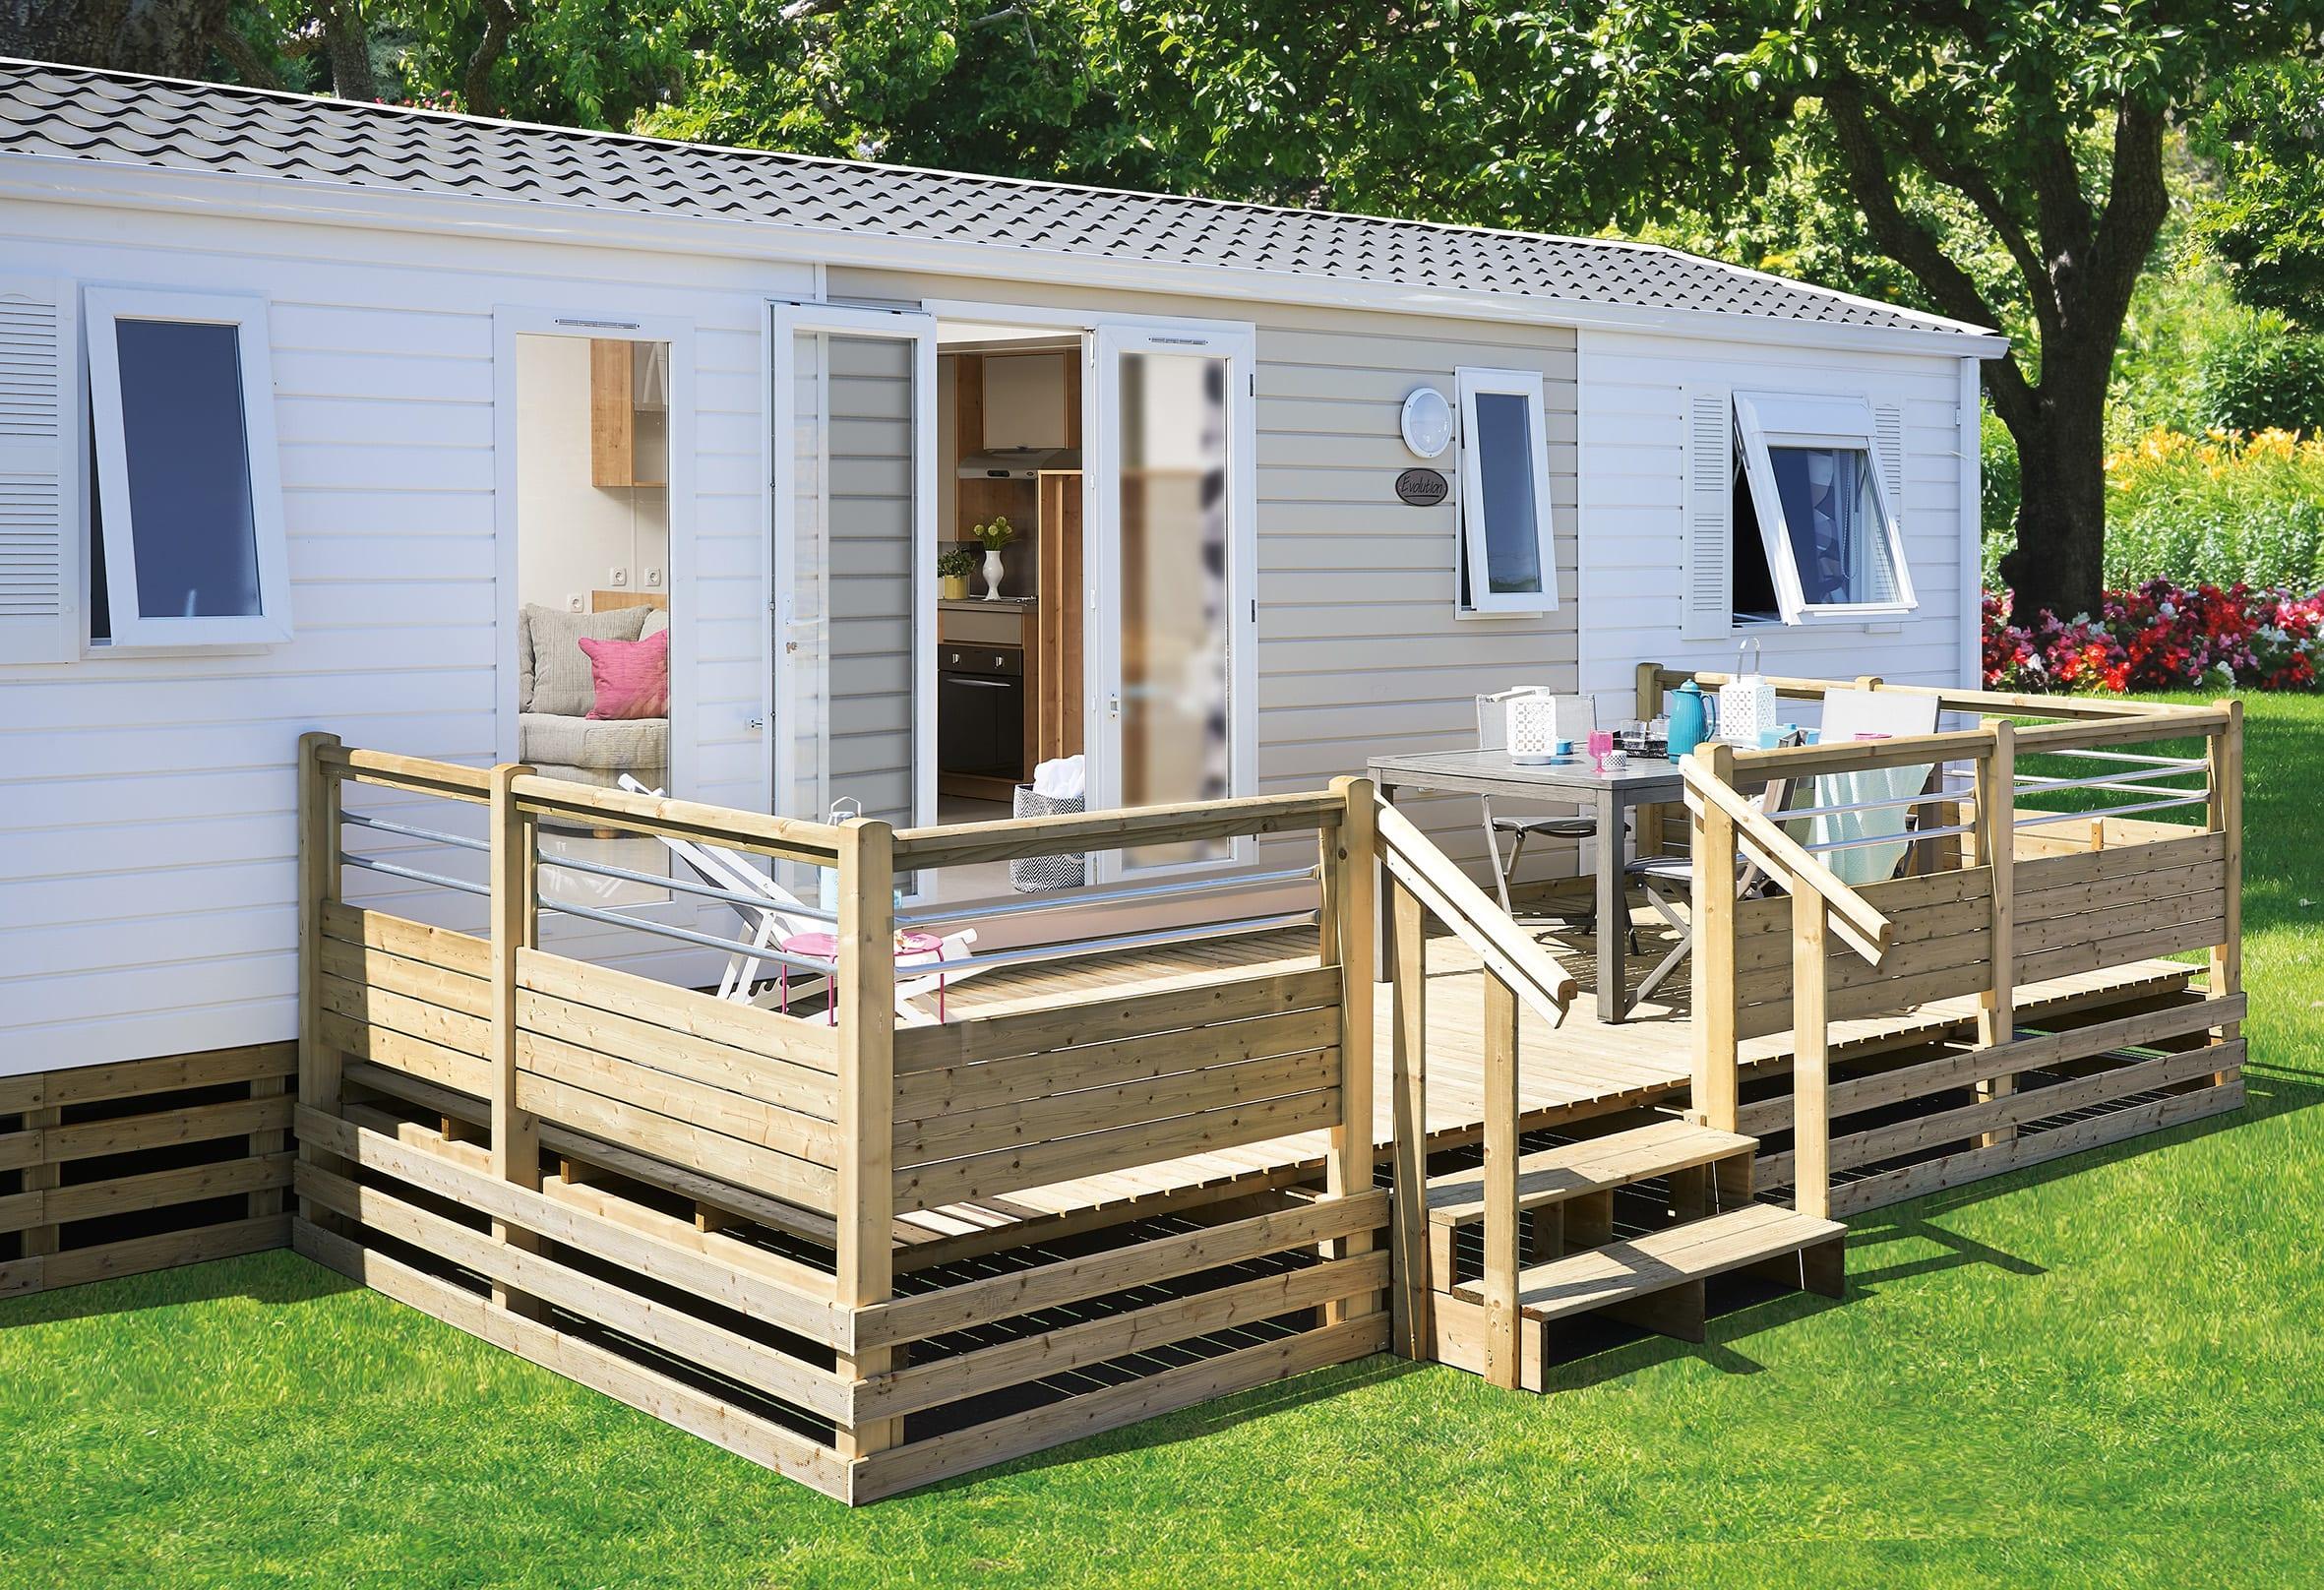 Accessoires Terrasse Mobil Home pour Kit Couverture Terrasse Mobil Home